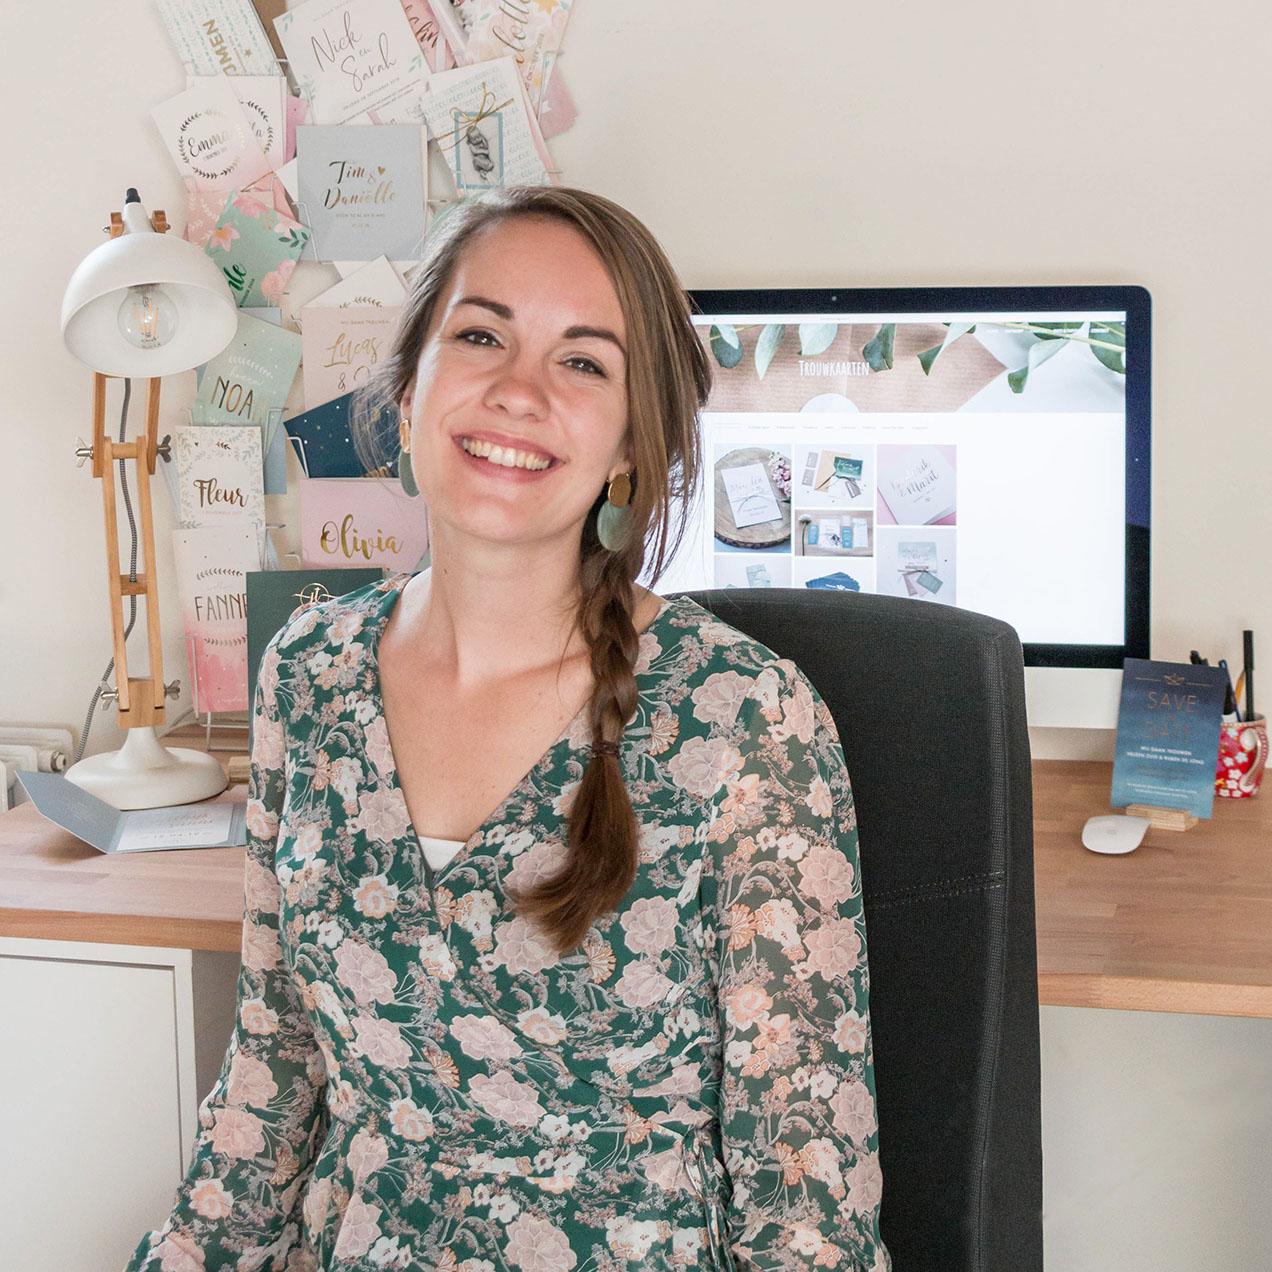 Marjolein Vormgeving trouwkaart ontwerp geboortekaartje op maat grafisch ontwerper